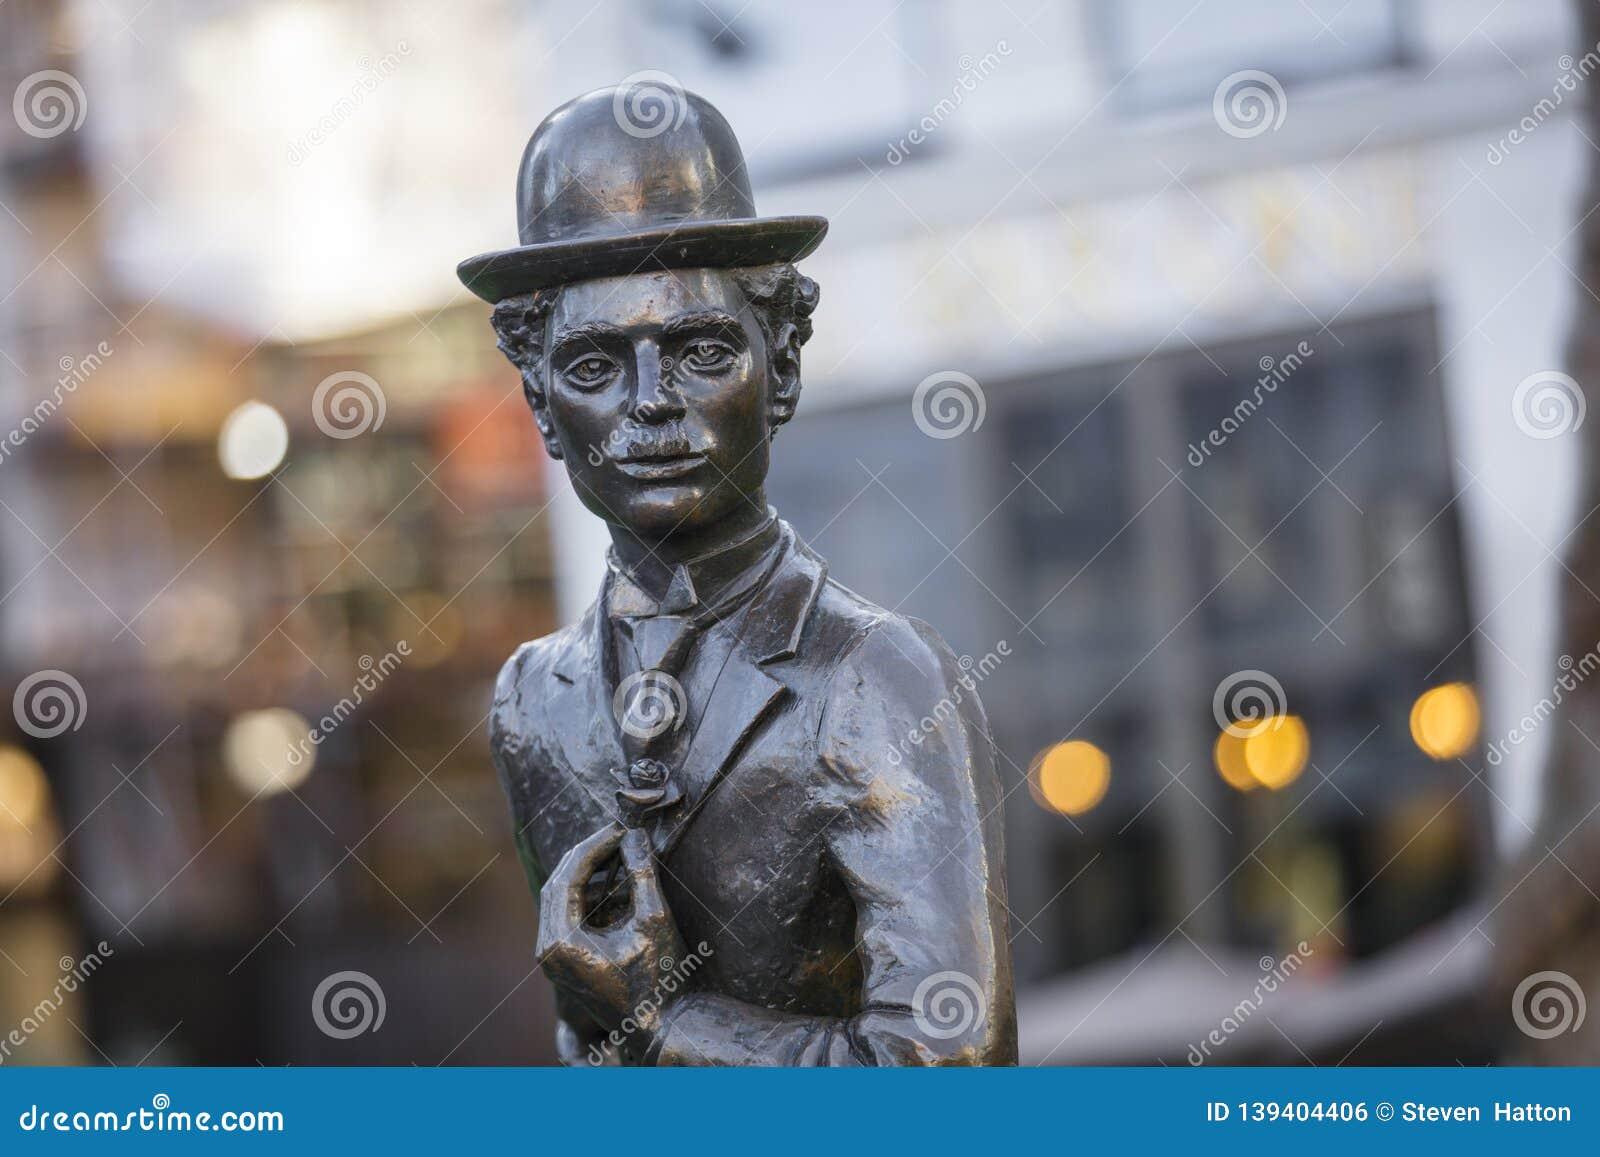 莱斯特广场,伦敦,大伦敦,2019年2月7日,查尔斯卓别林先生雕象